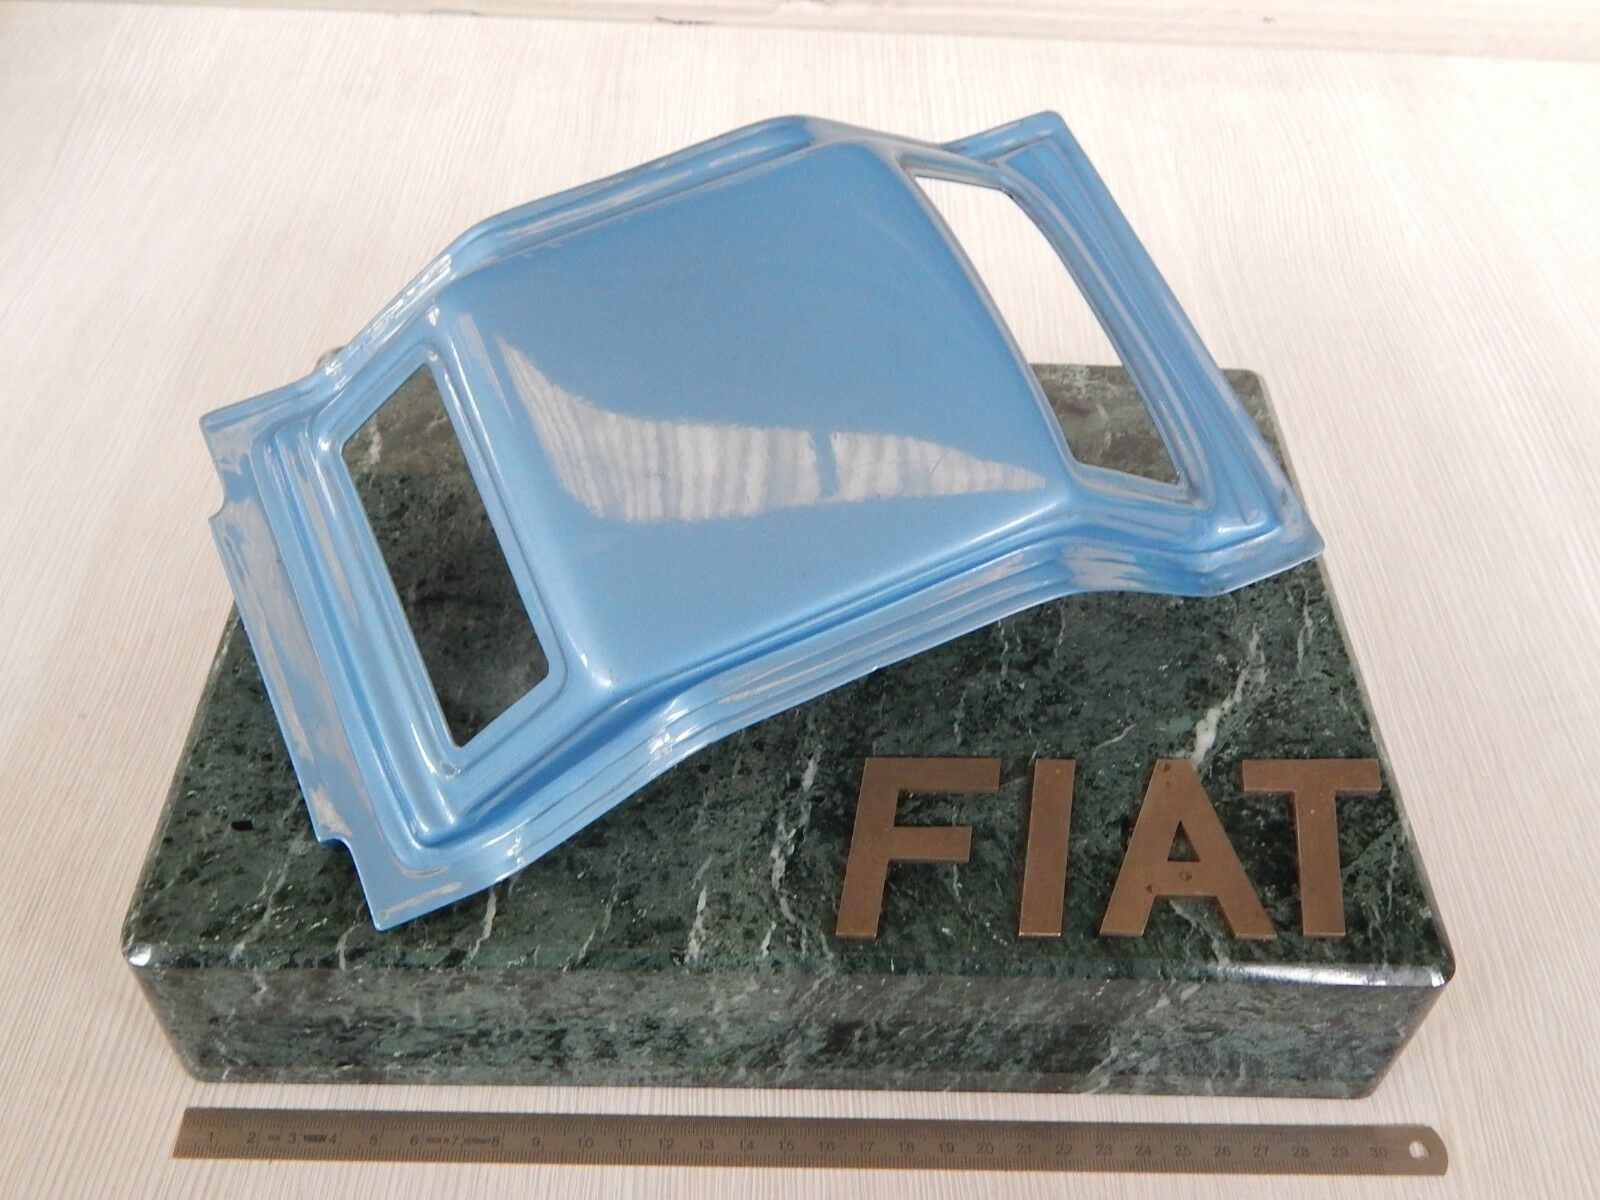 Raro: promozionale stampaggio Fiat anni '70 base in marmo epoca  abarth etc